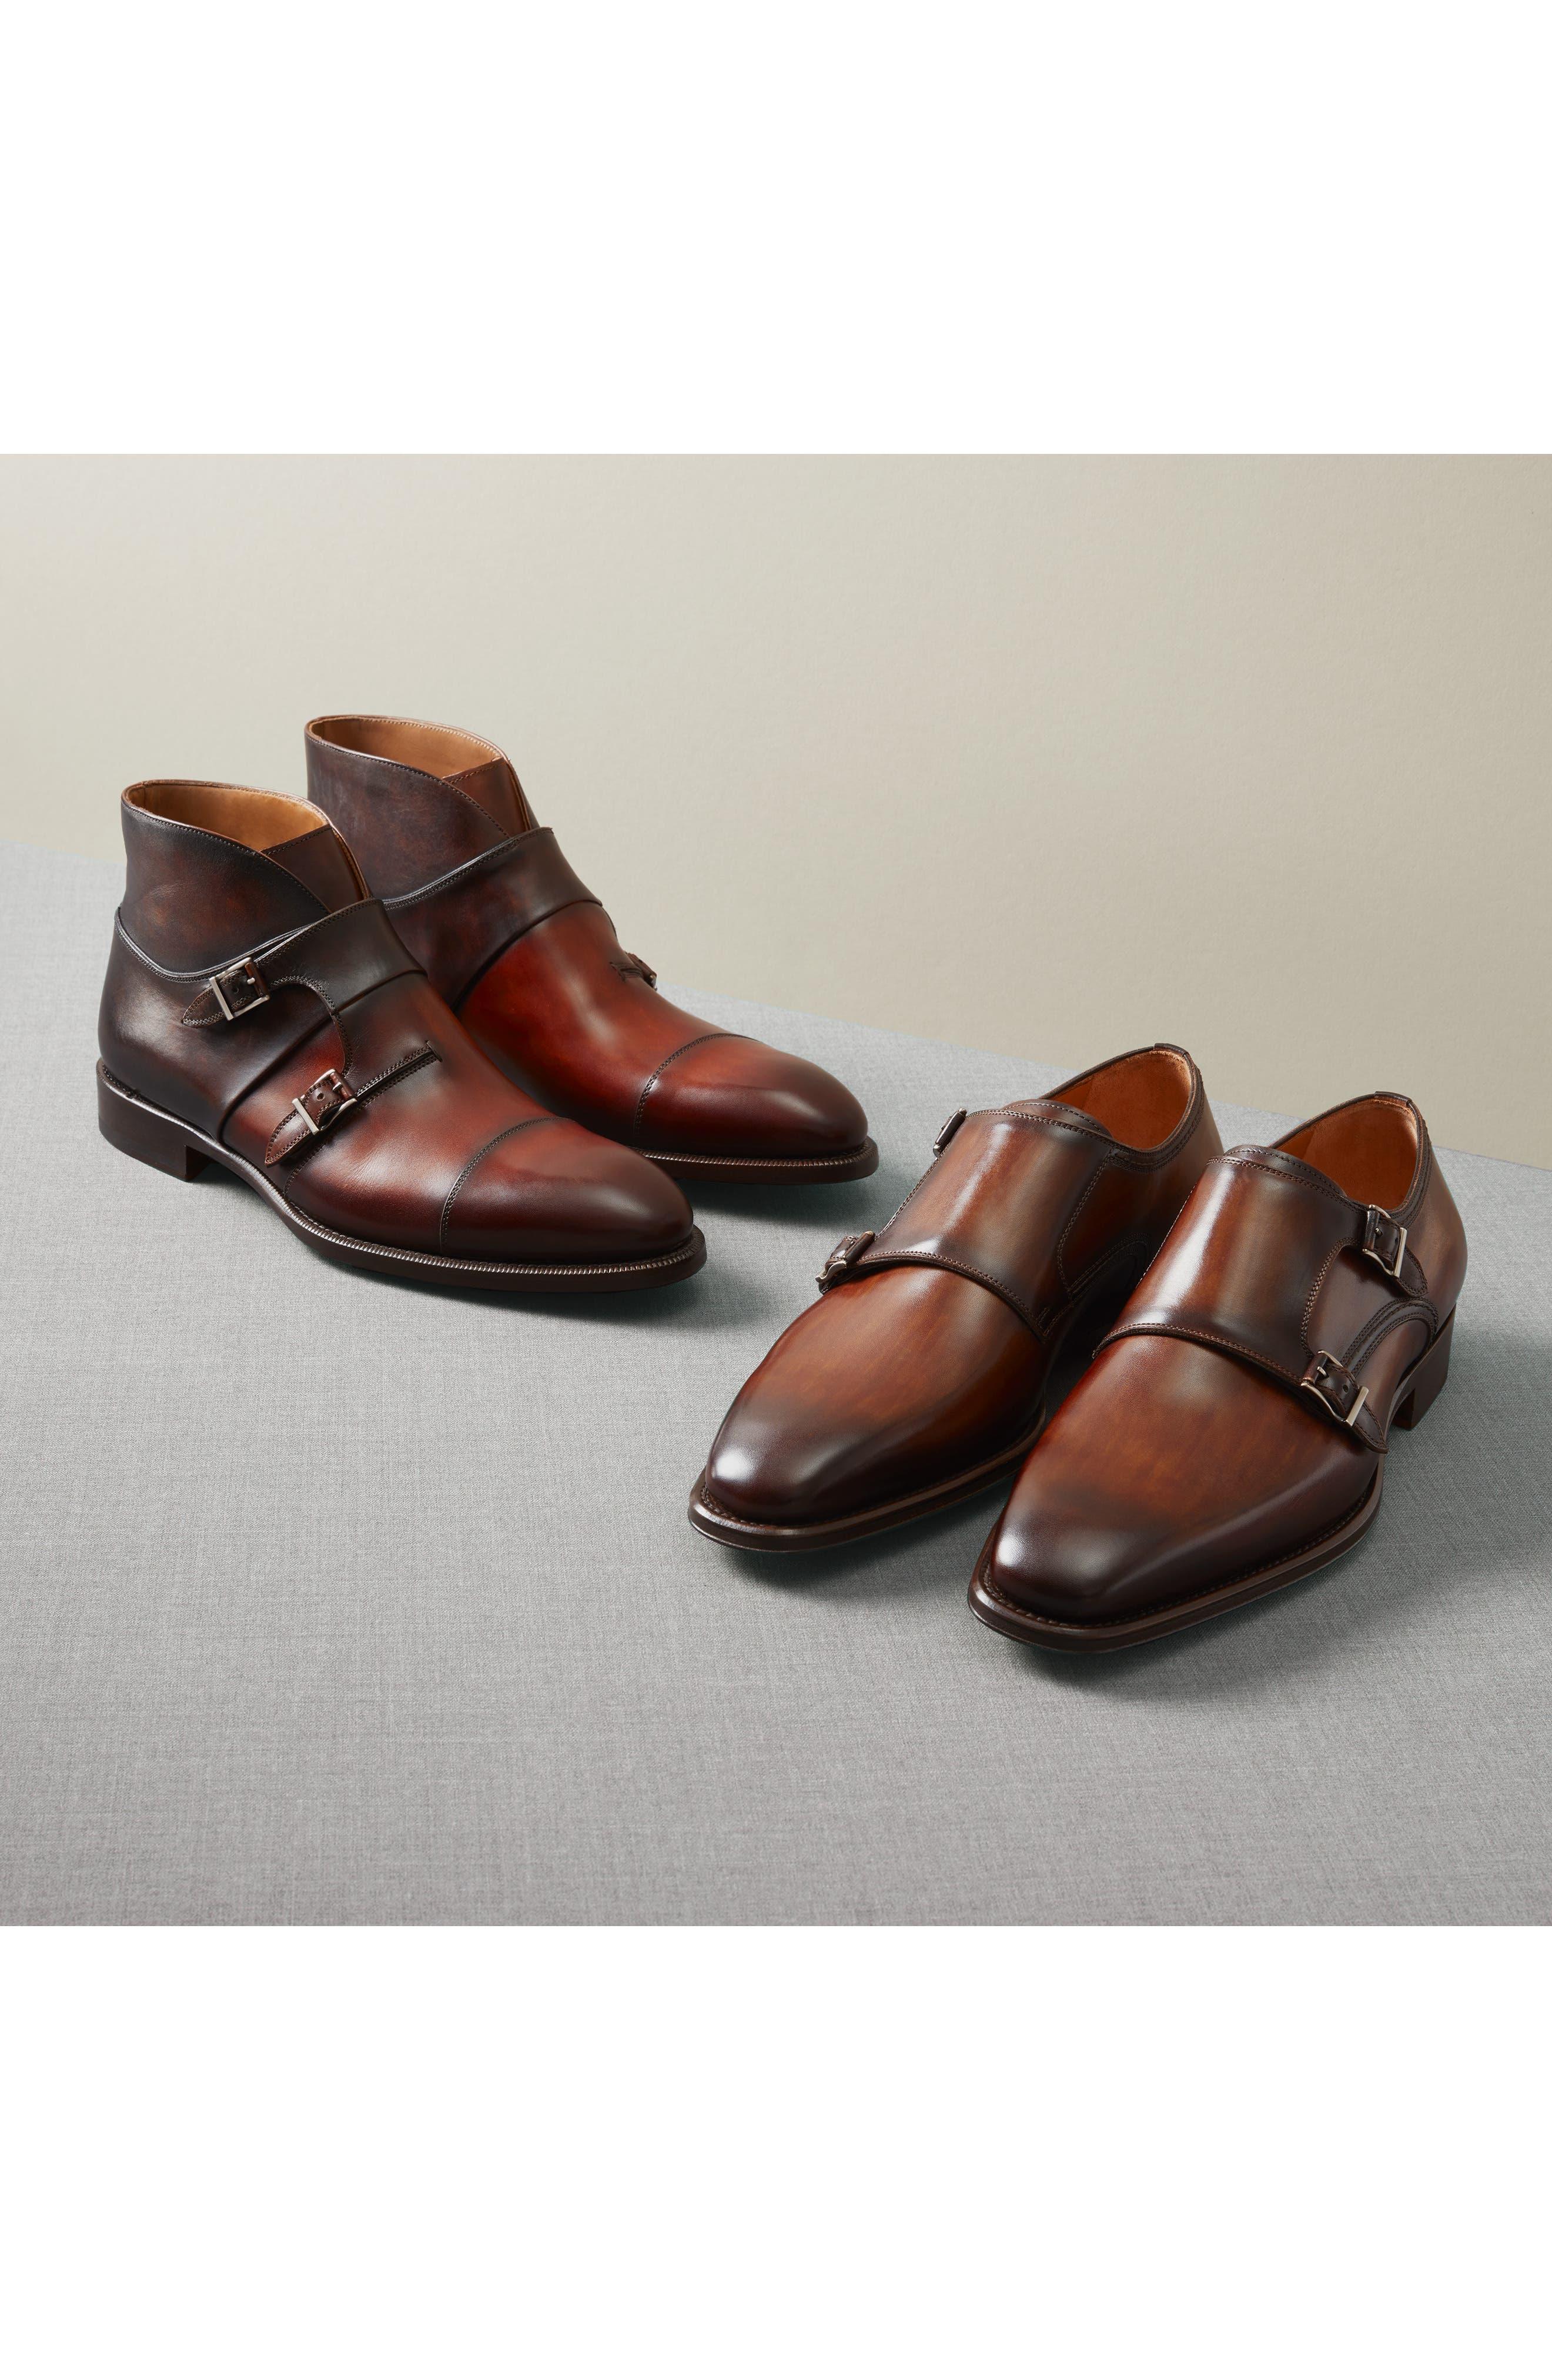 MAGNANNI, Landon Double Strap Monk Shoe, Alternate thumbnail 7, color, MID BROWN